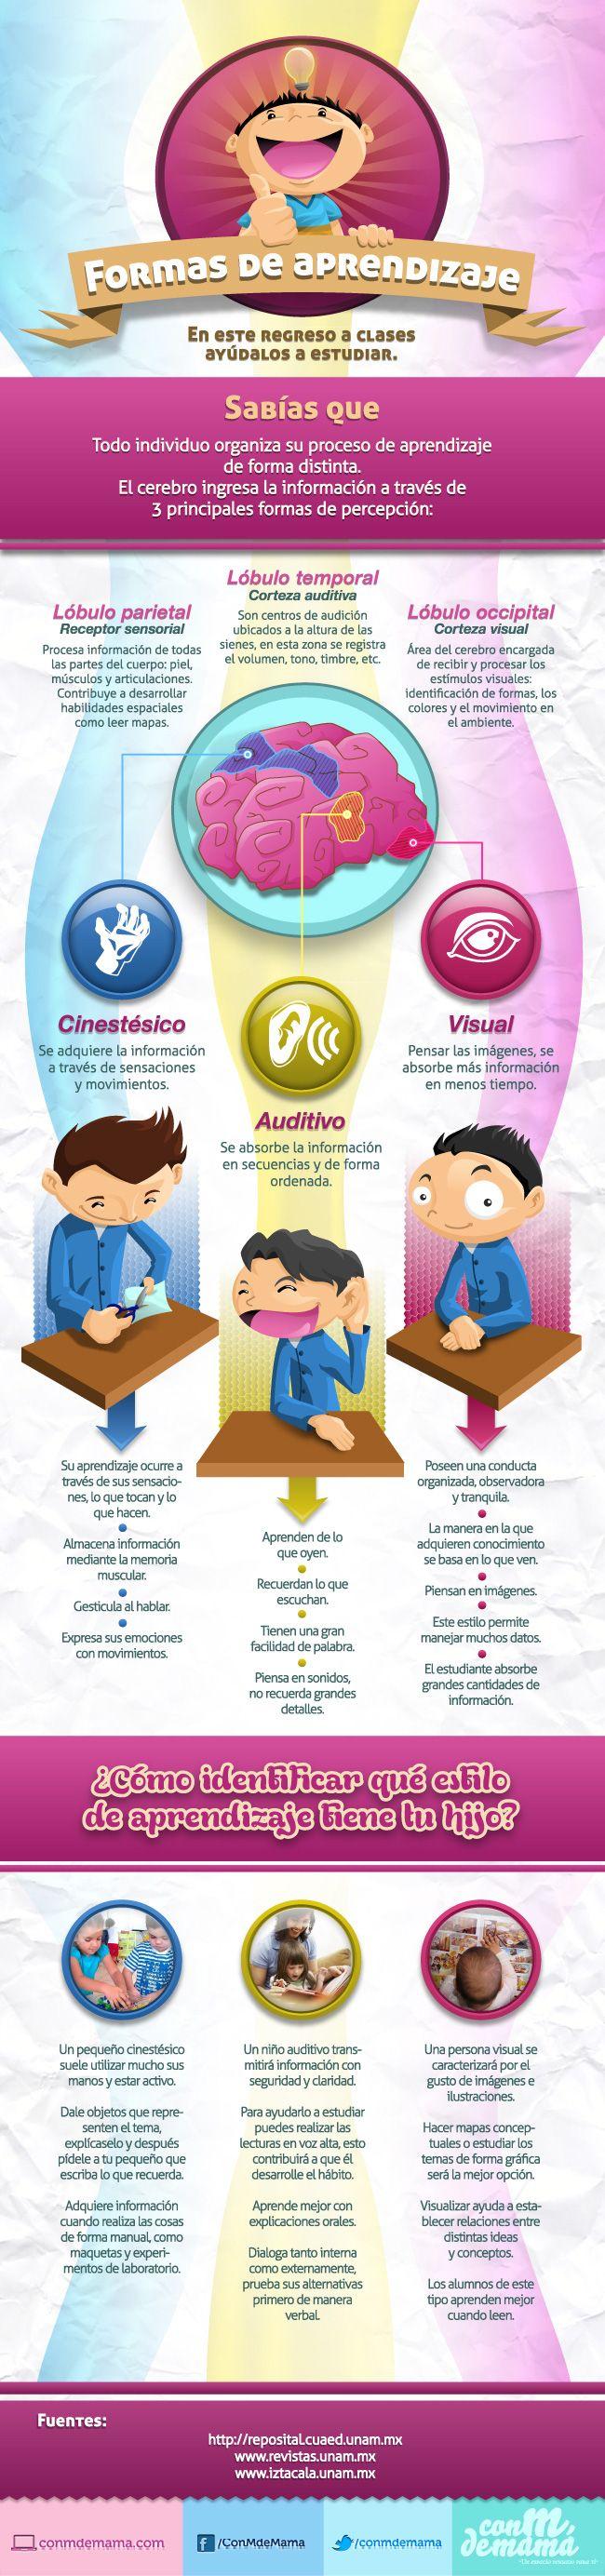 ¿De qué forma aprende tu hijo? Es visual, auditivo, tiene una mezcla de ambas. ¡Descúbrelo! #Infografía